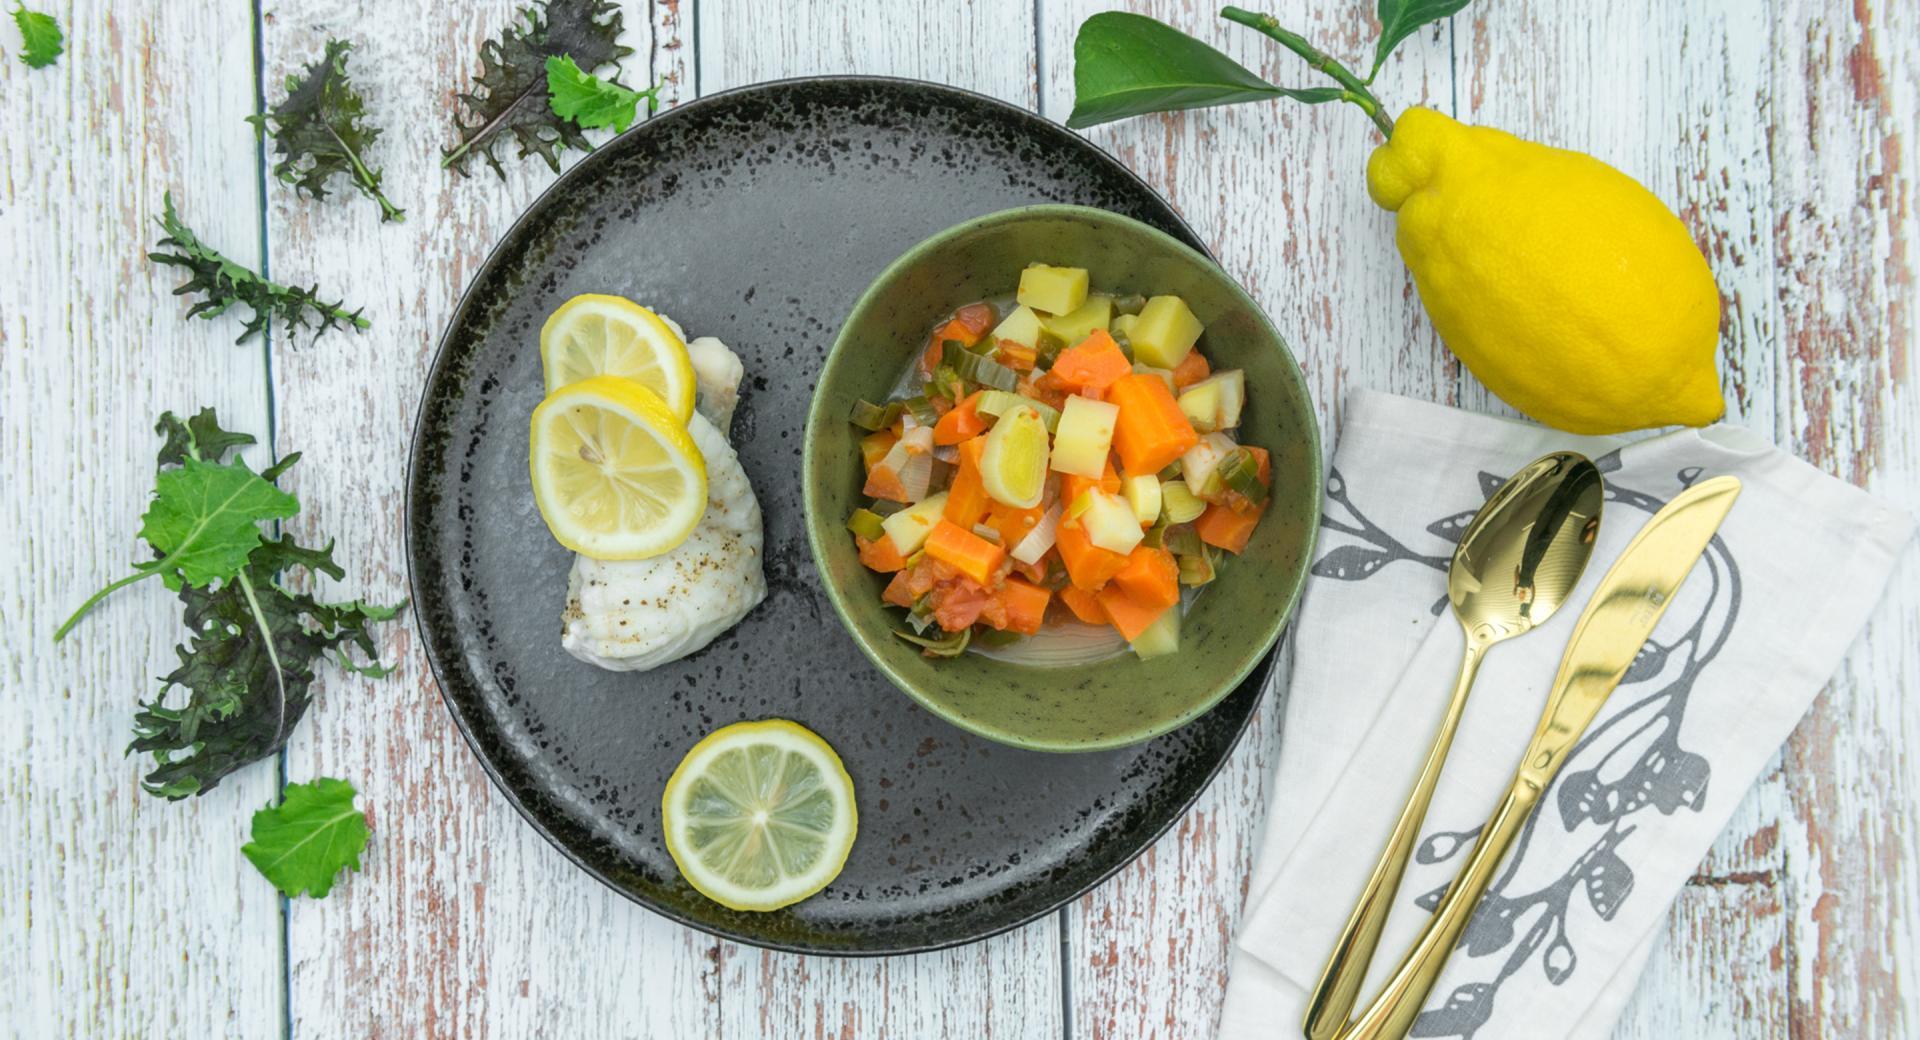 Filete de pescado con patatas y verduras